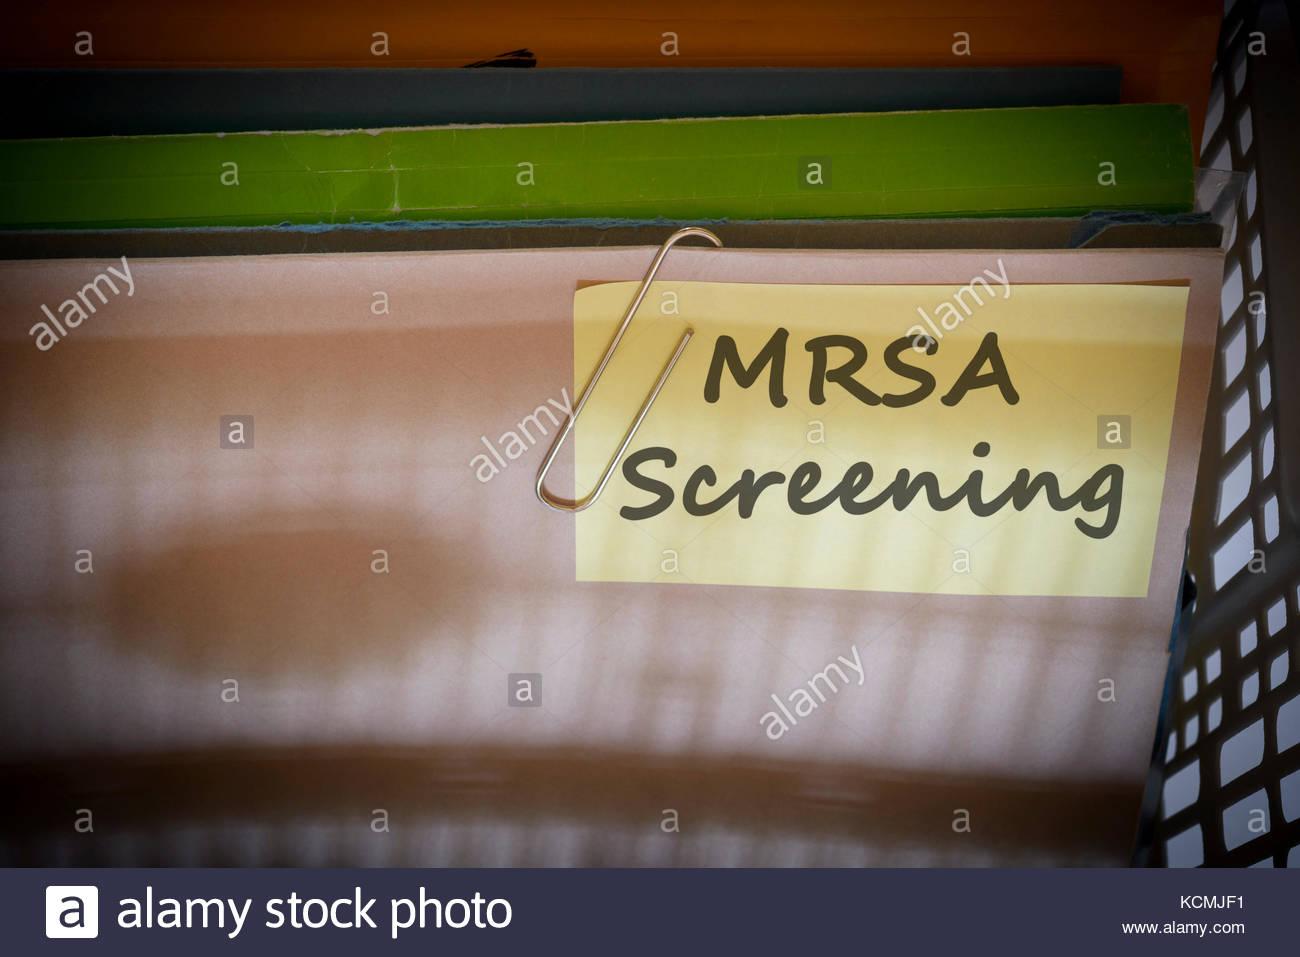 MRSA Screening escrito en carpeta de documentos, Dorset, Inglaterra. Foto de stock